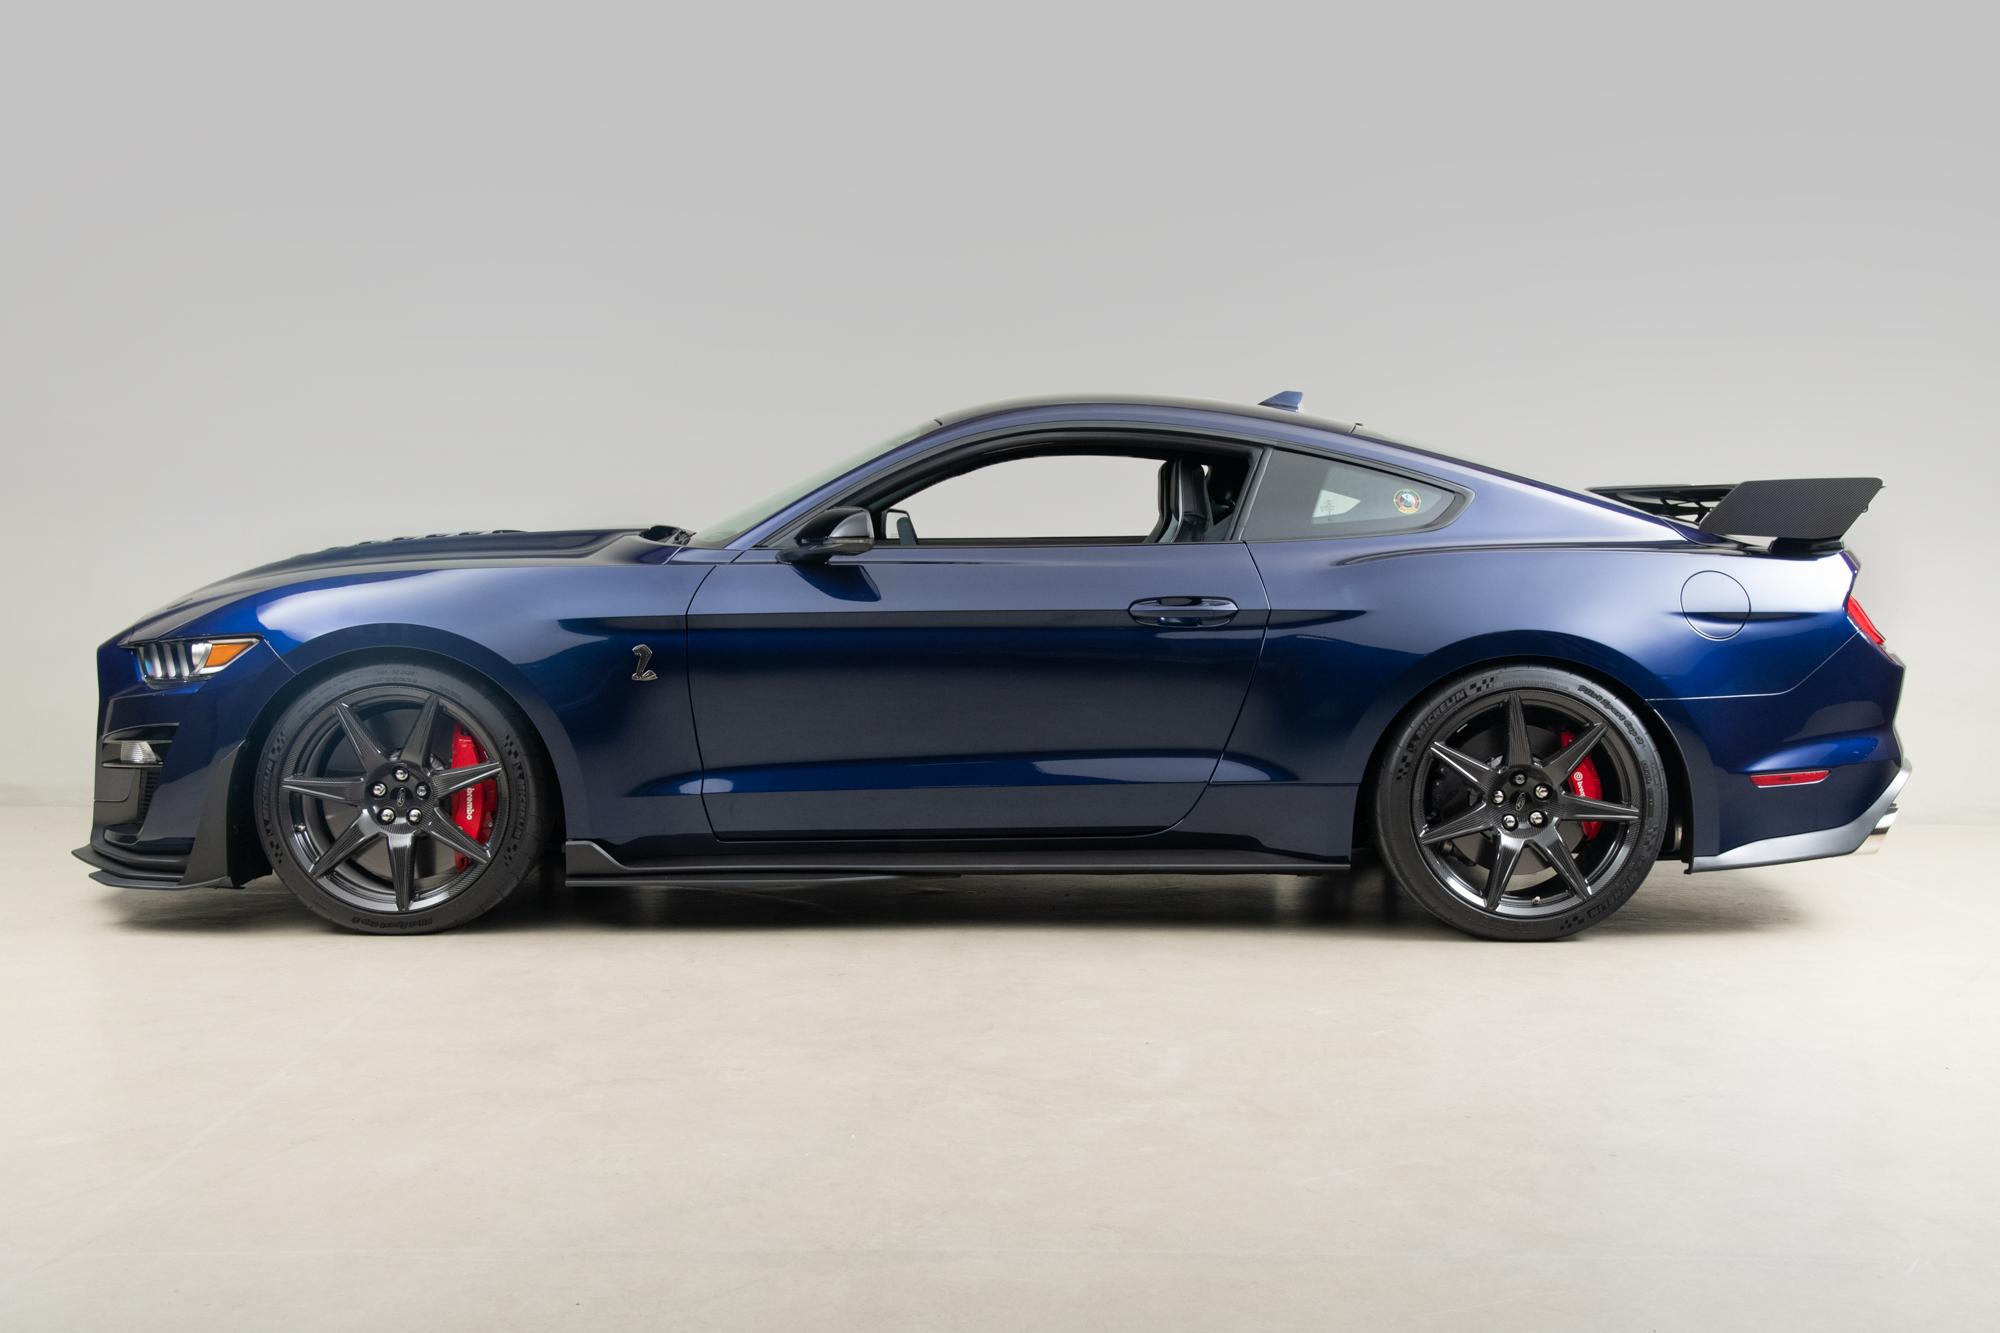 2020 Shelby GT500 , KONA BLUE, VIN 1FA6P8SJ1L5501731, MILEAGE 2825